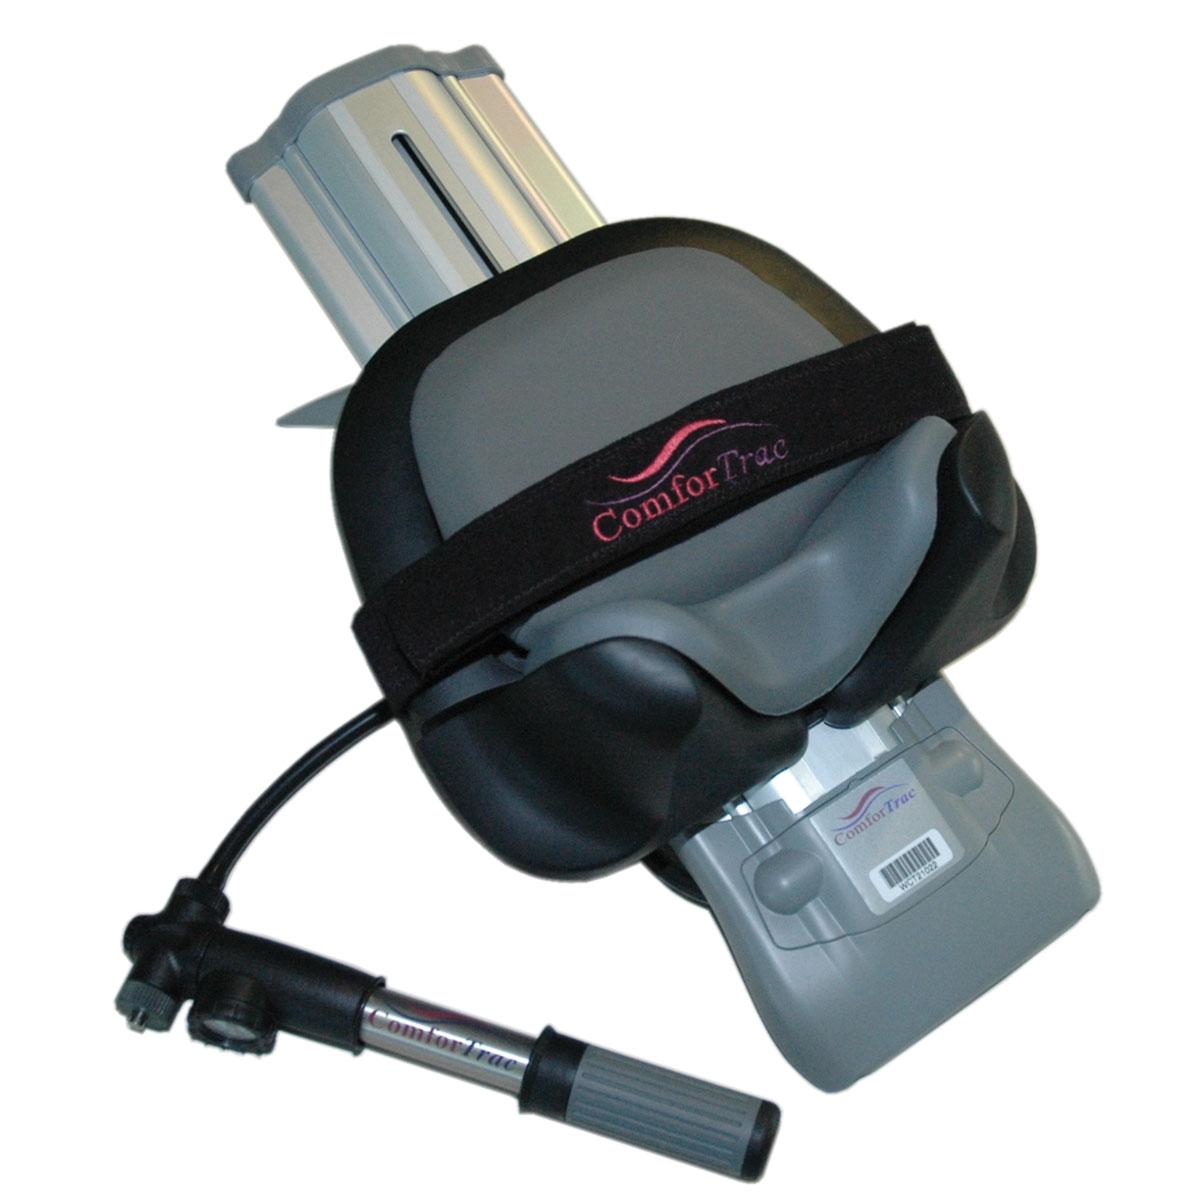 comfortrac appareil de traction cervicale comfortrac ctc appareils de traction cervicale. Black Bedroom Furniture Sets. Home Design Ideas